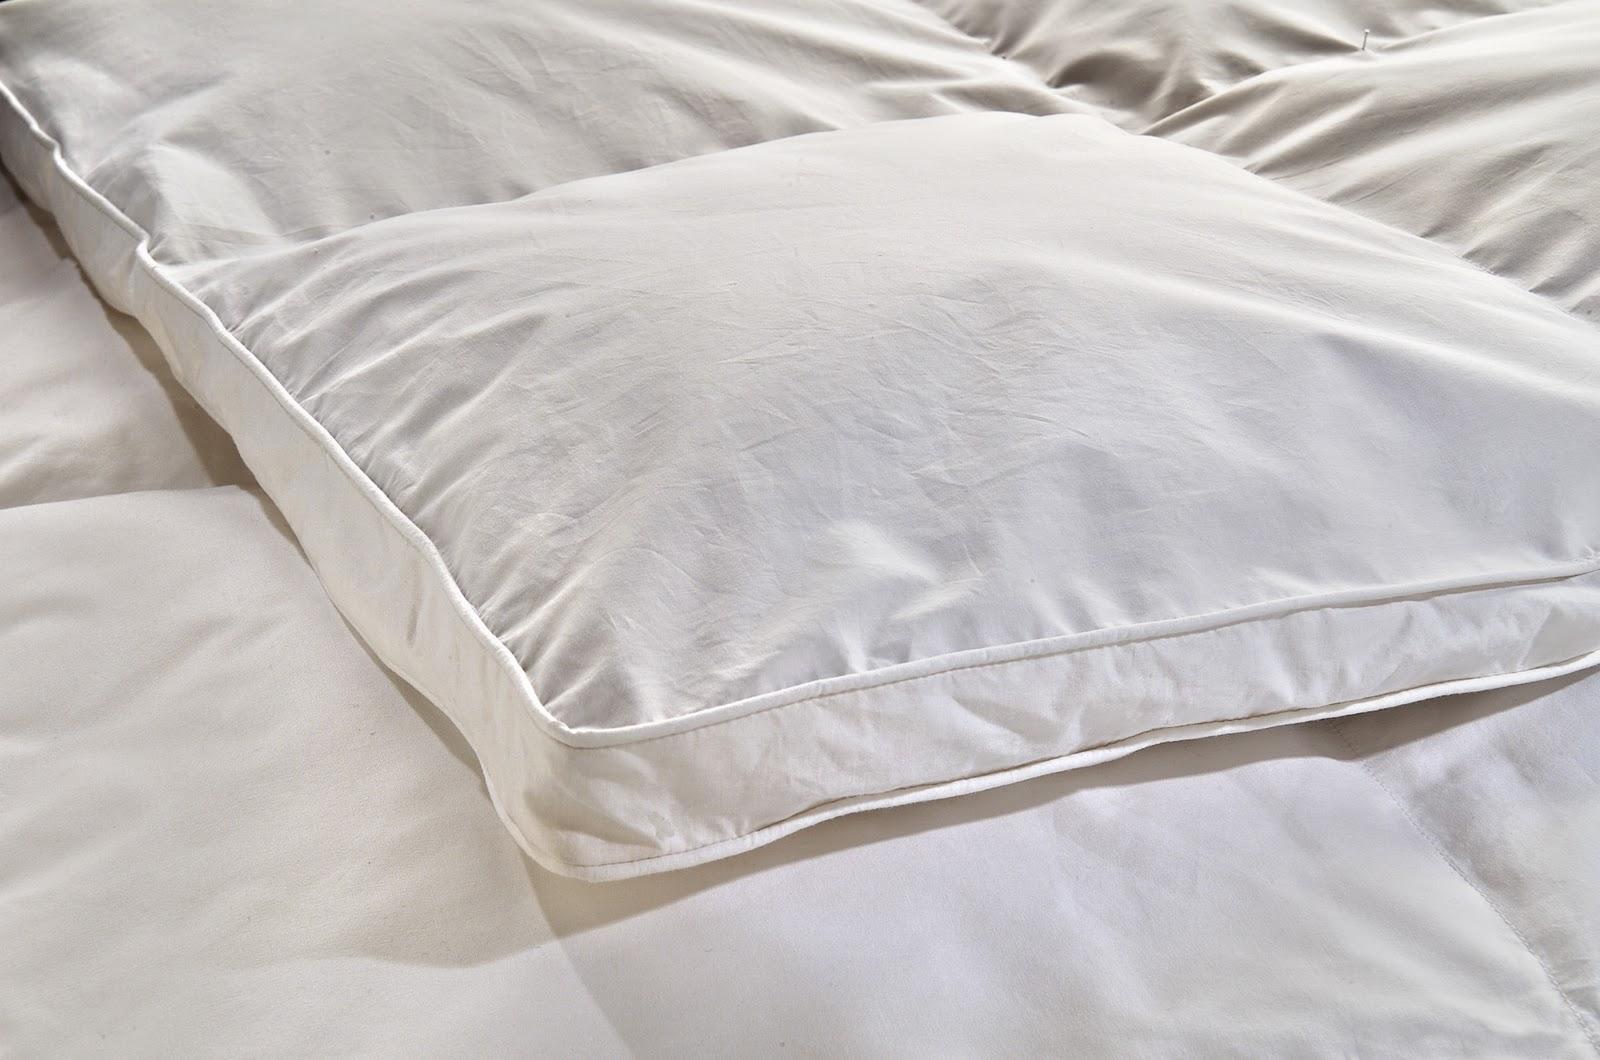 Textil hosteleria toallas albornoces zapatillas share - Textiles para hosteleria ...